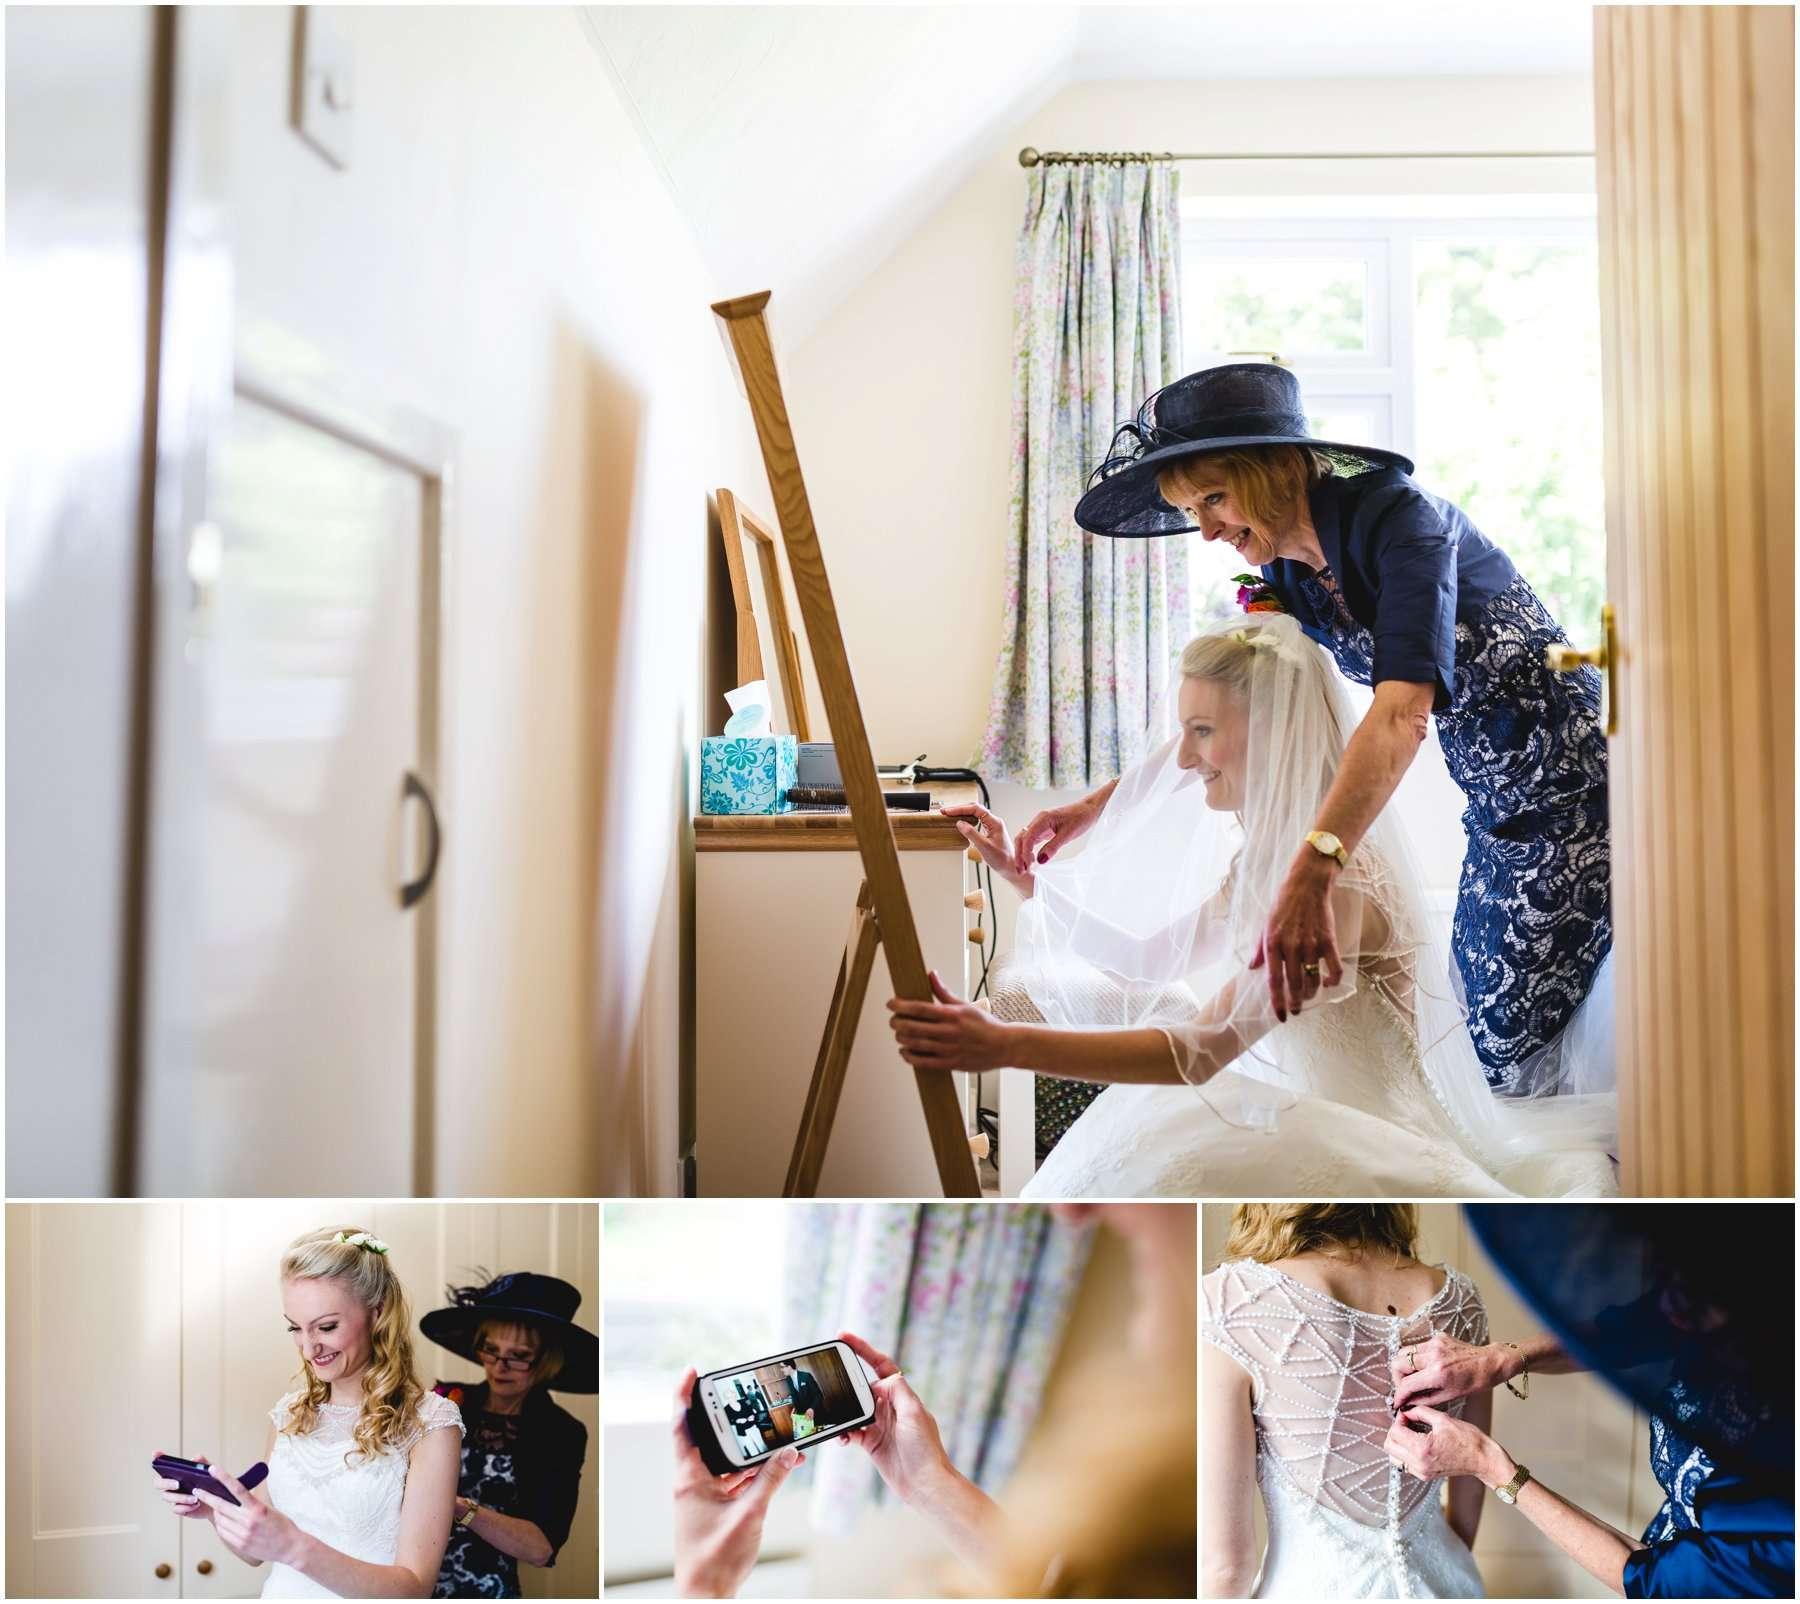 KIMBERLEY HALL WEDDING - LOUISE AND DAVID - NORWICH WEDDING PHOTOGRAPHER 5